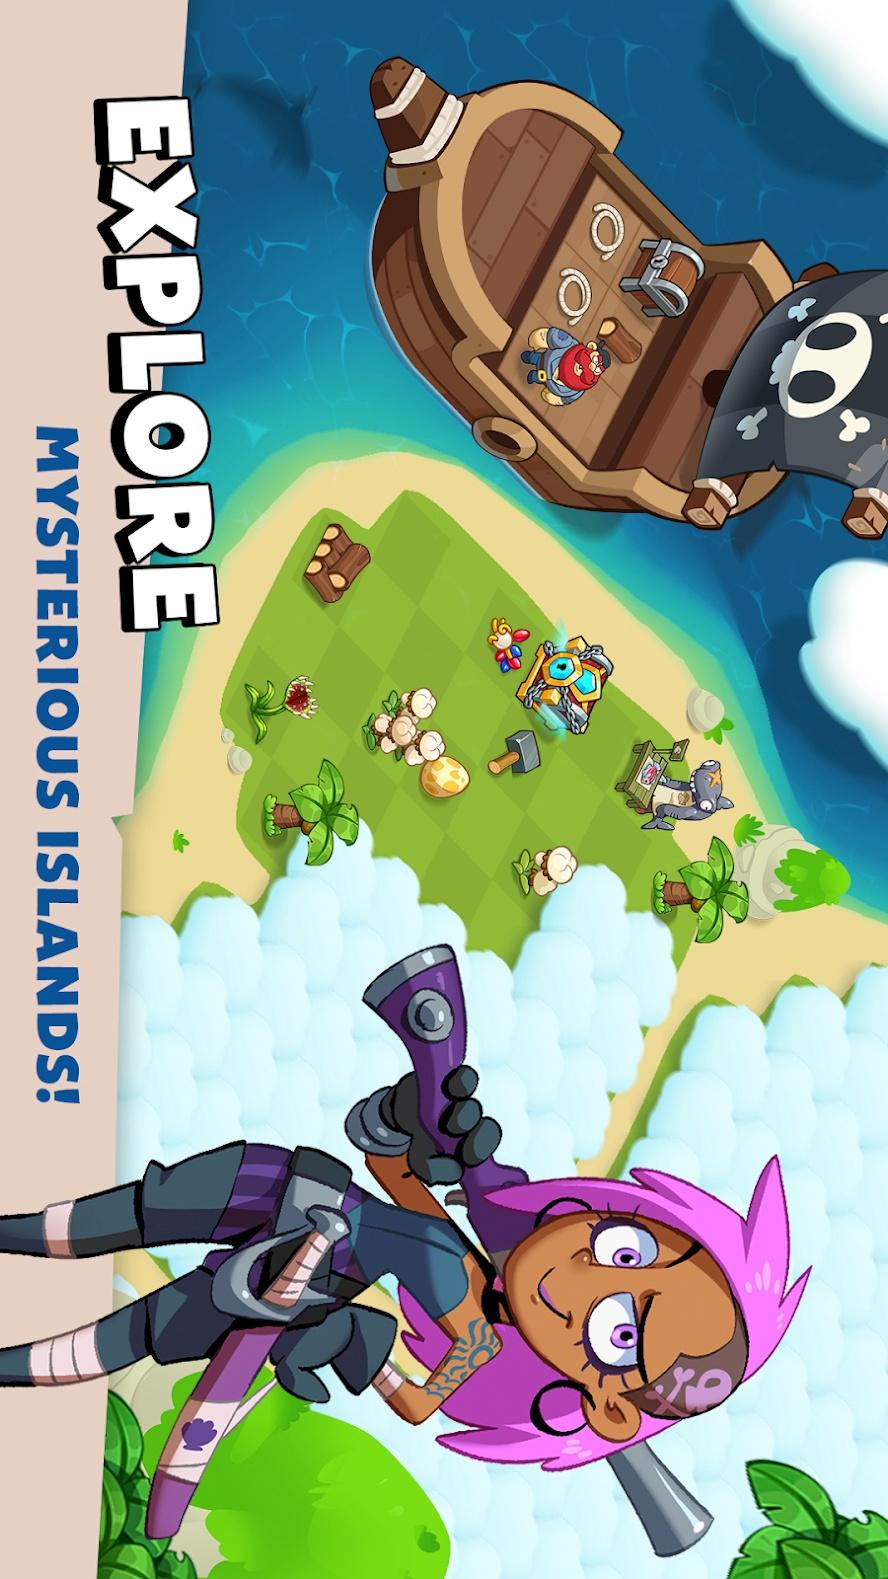 海盗进化最新破解版游戏截图